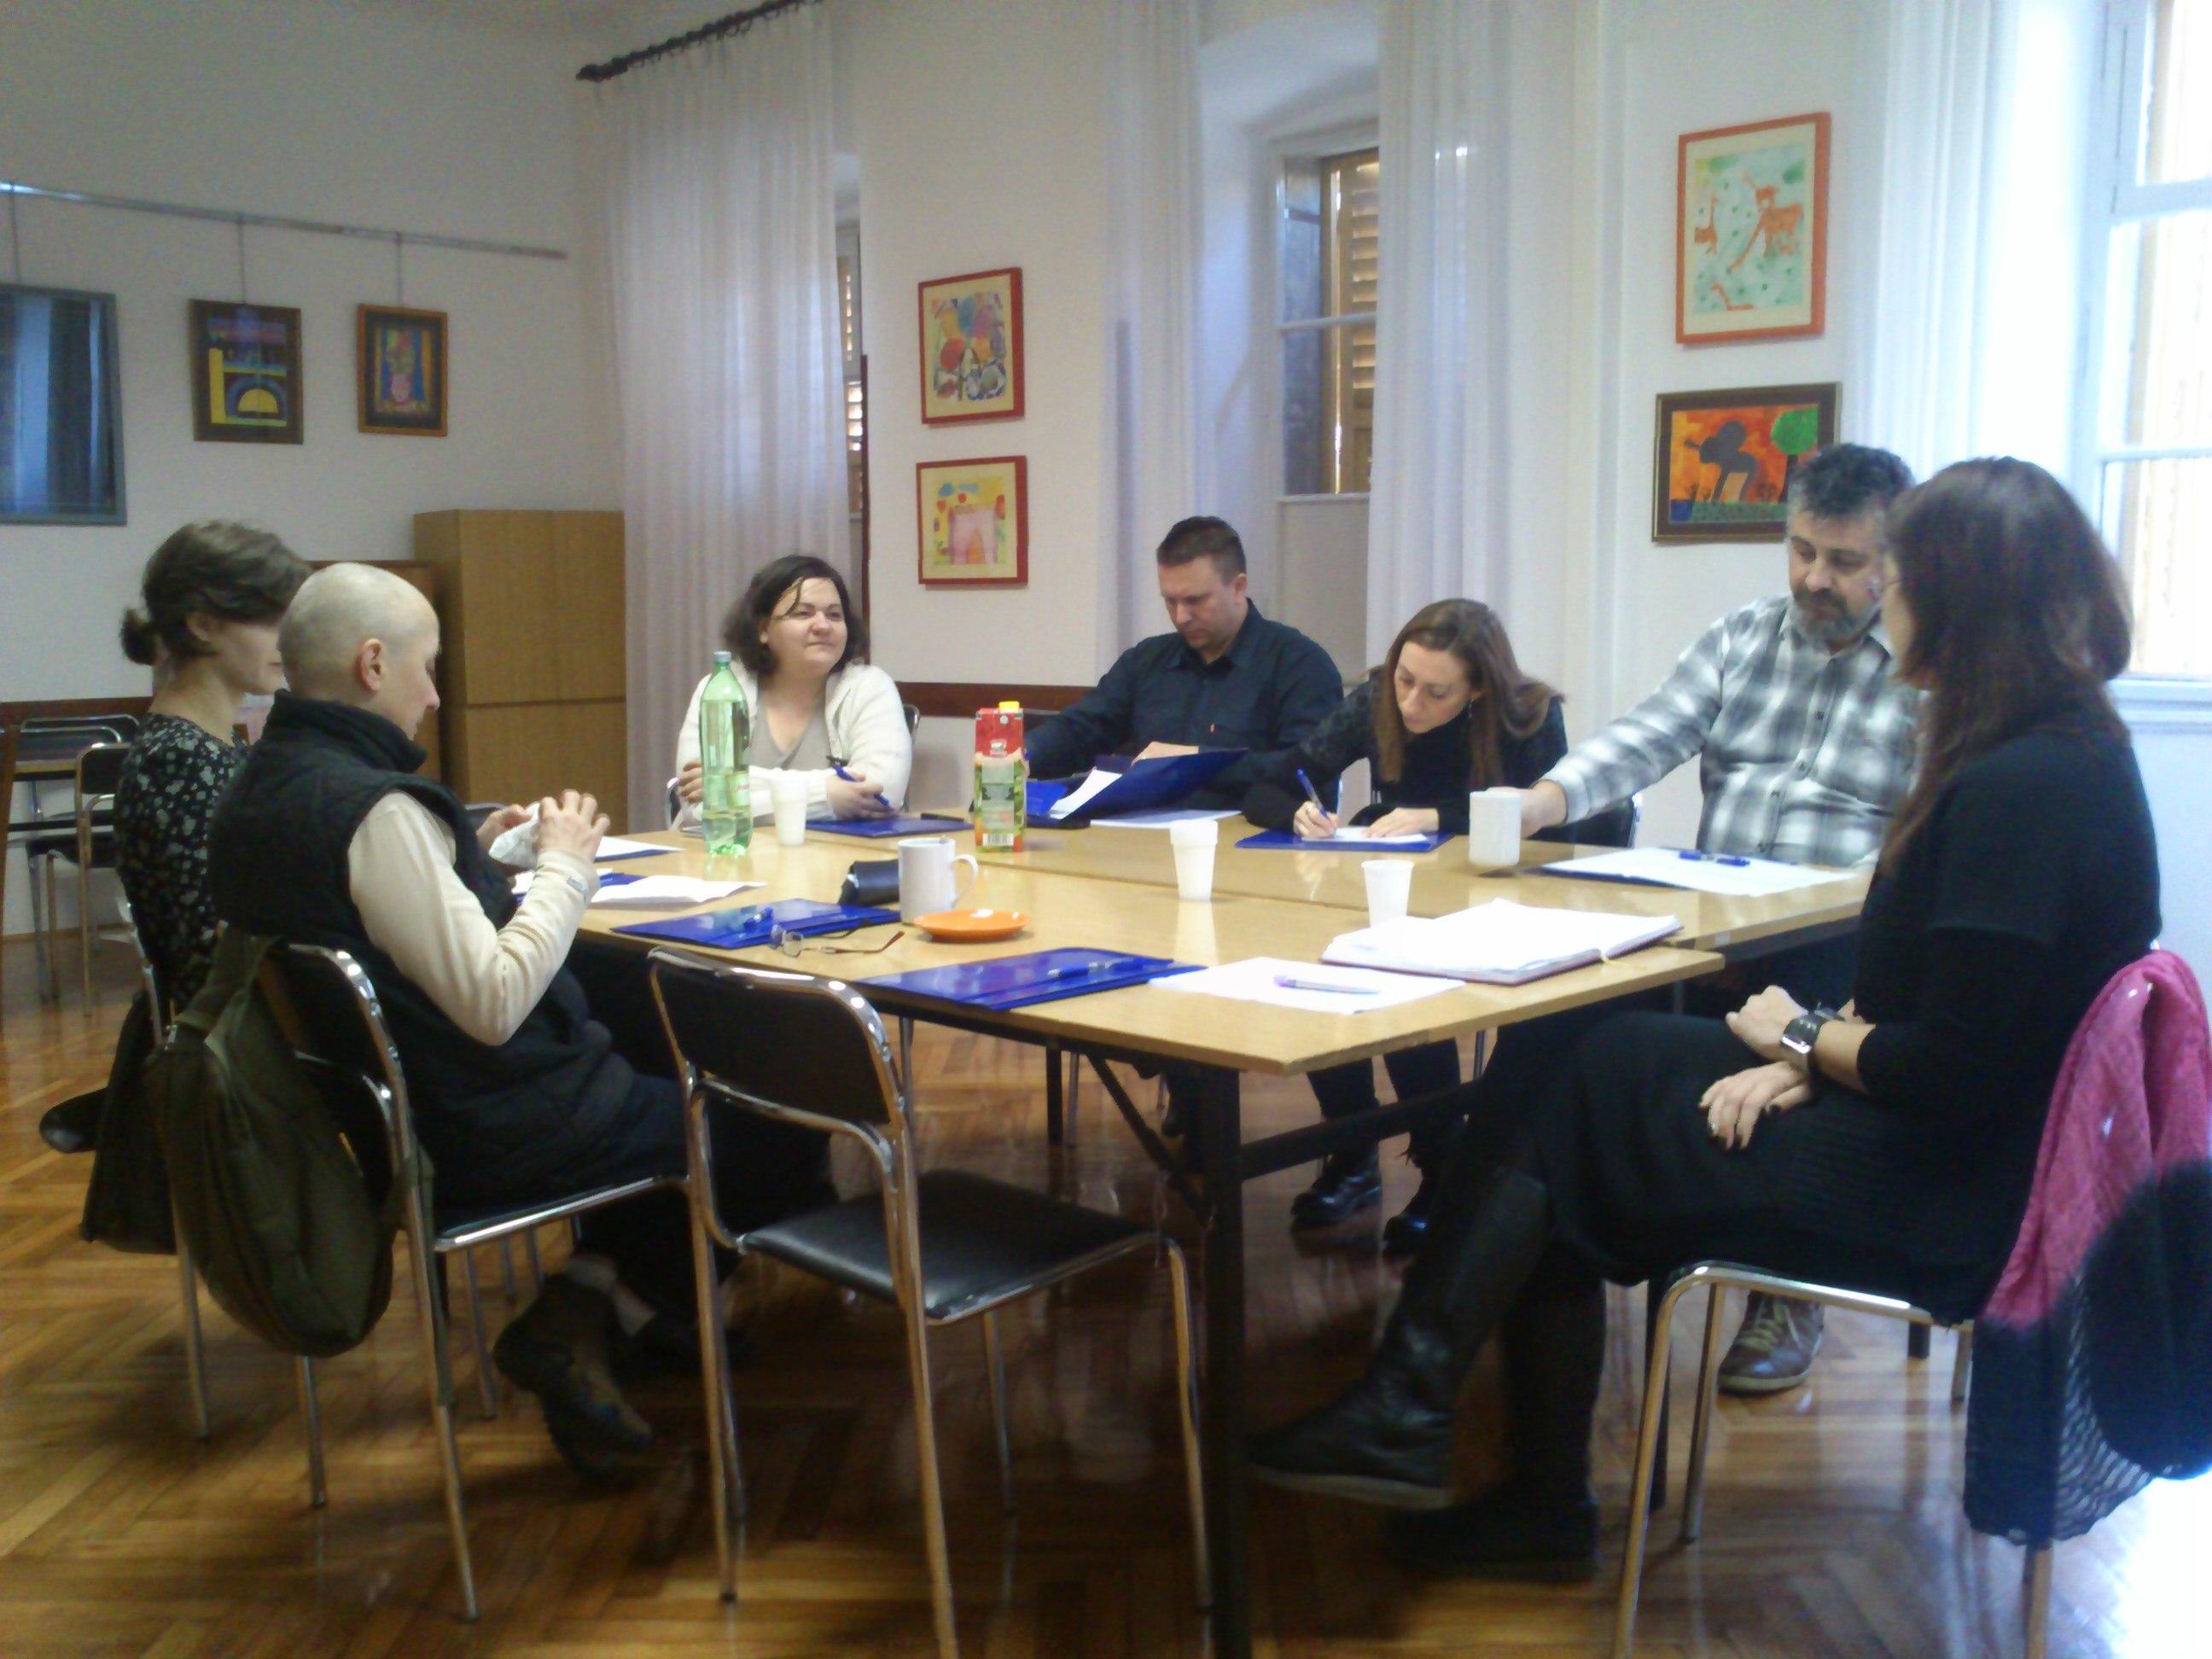 """""""Edukacijom do znanja, suradnjom do promjena!"""" – sastanak s predstavnicima/ama jedinica lokalne samouprave i institucija te predstavljanje preporuka"""